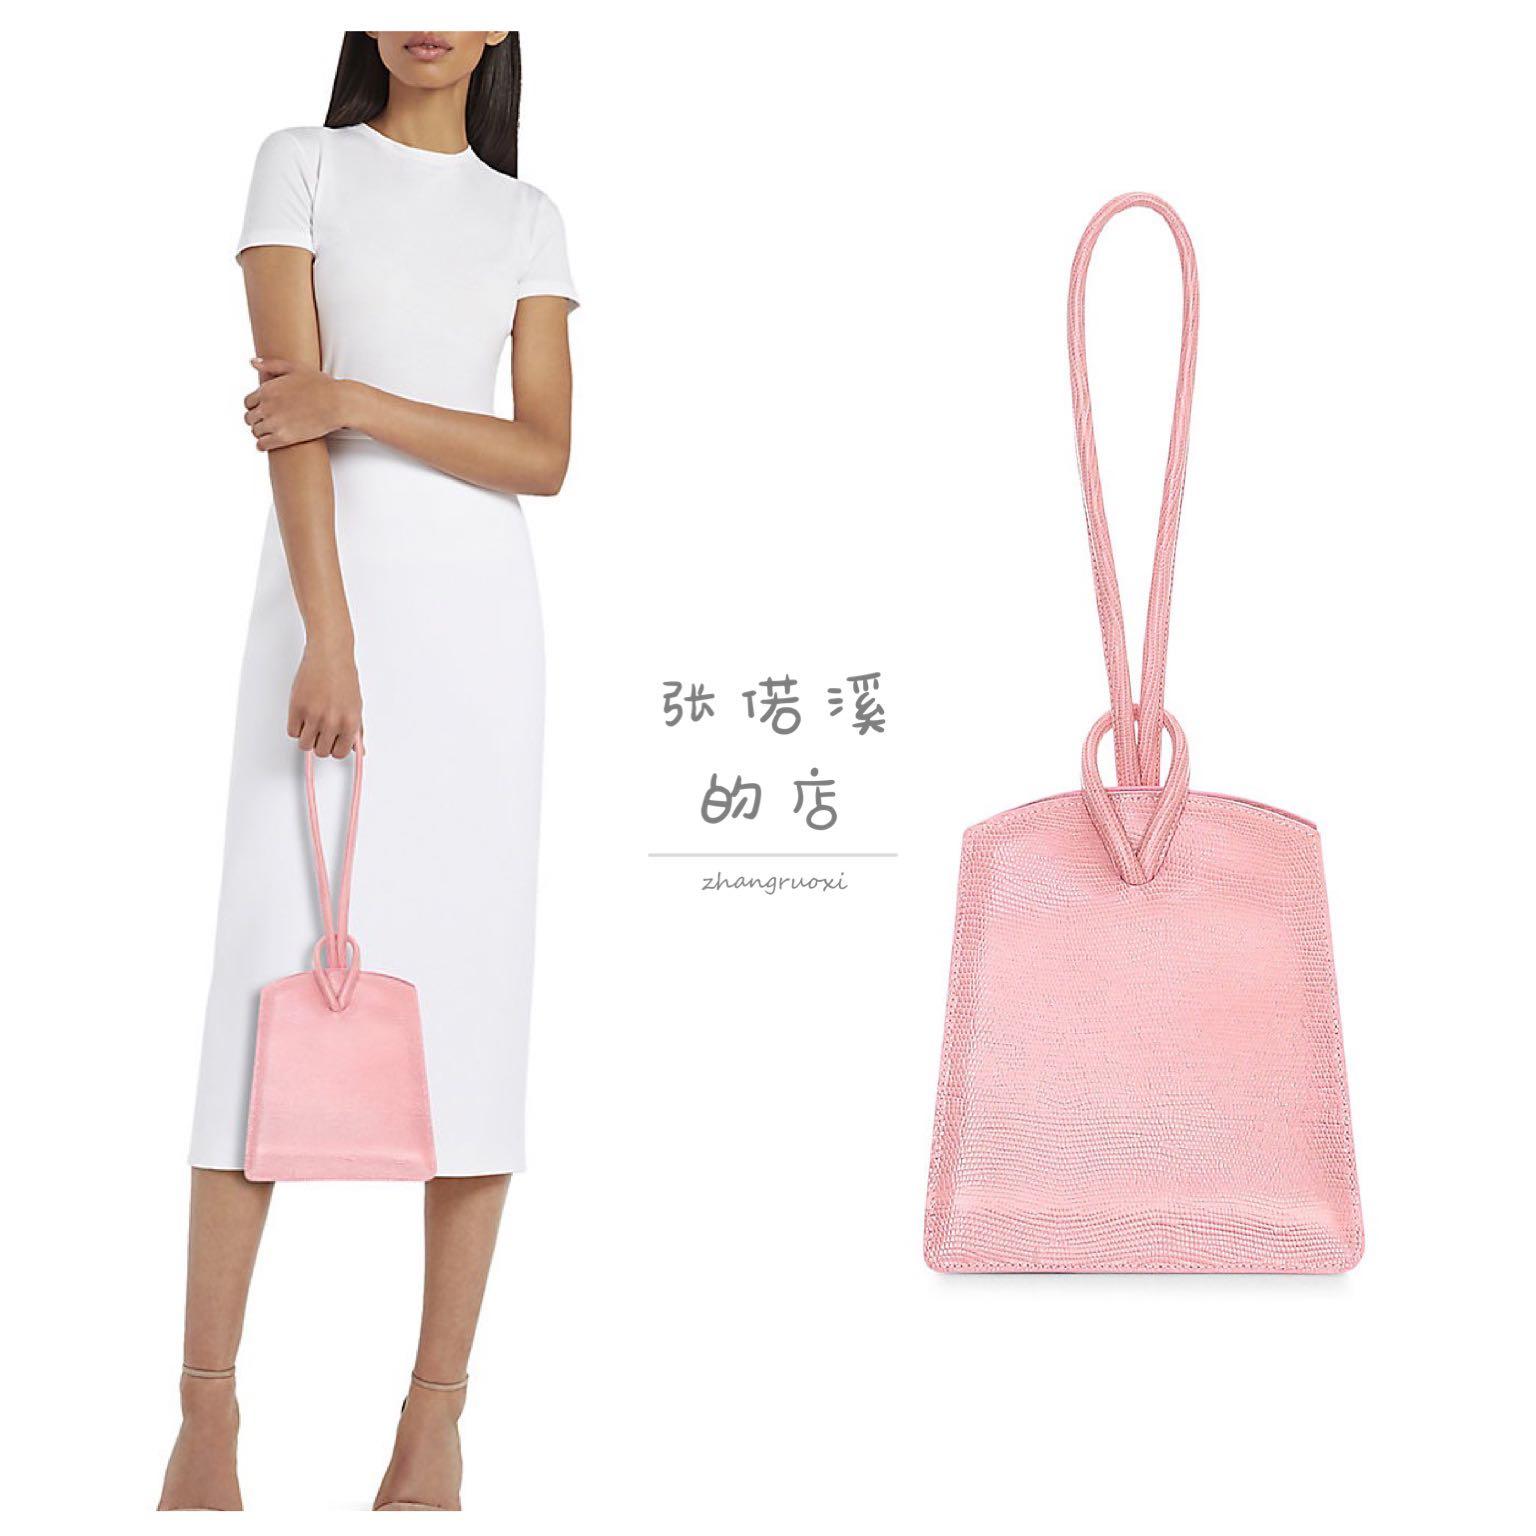 粉红色手提包 Little Liffner Loop粉红色蜥蜴压纹皮质手提包 女士单肩包_推荐淘宝好看的粉红色手提包